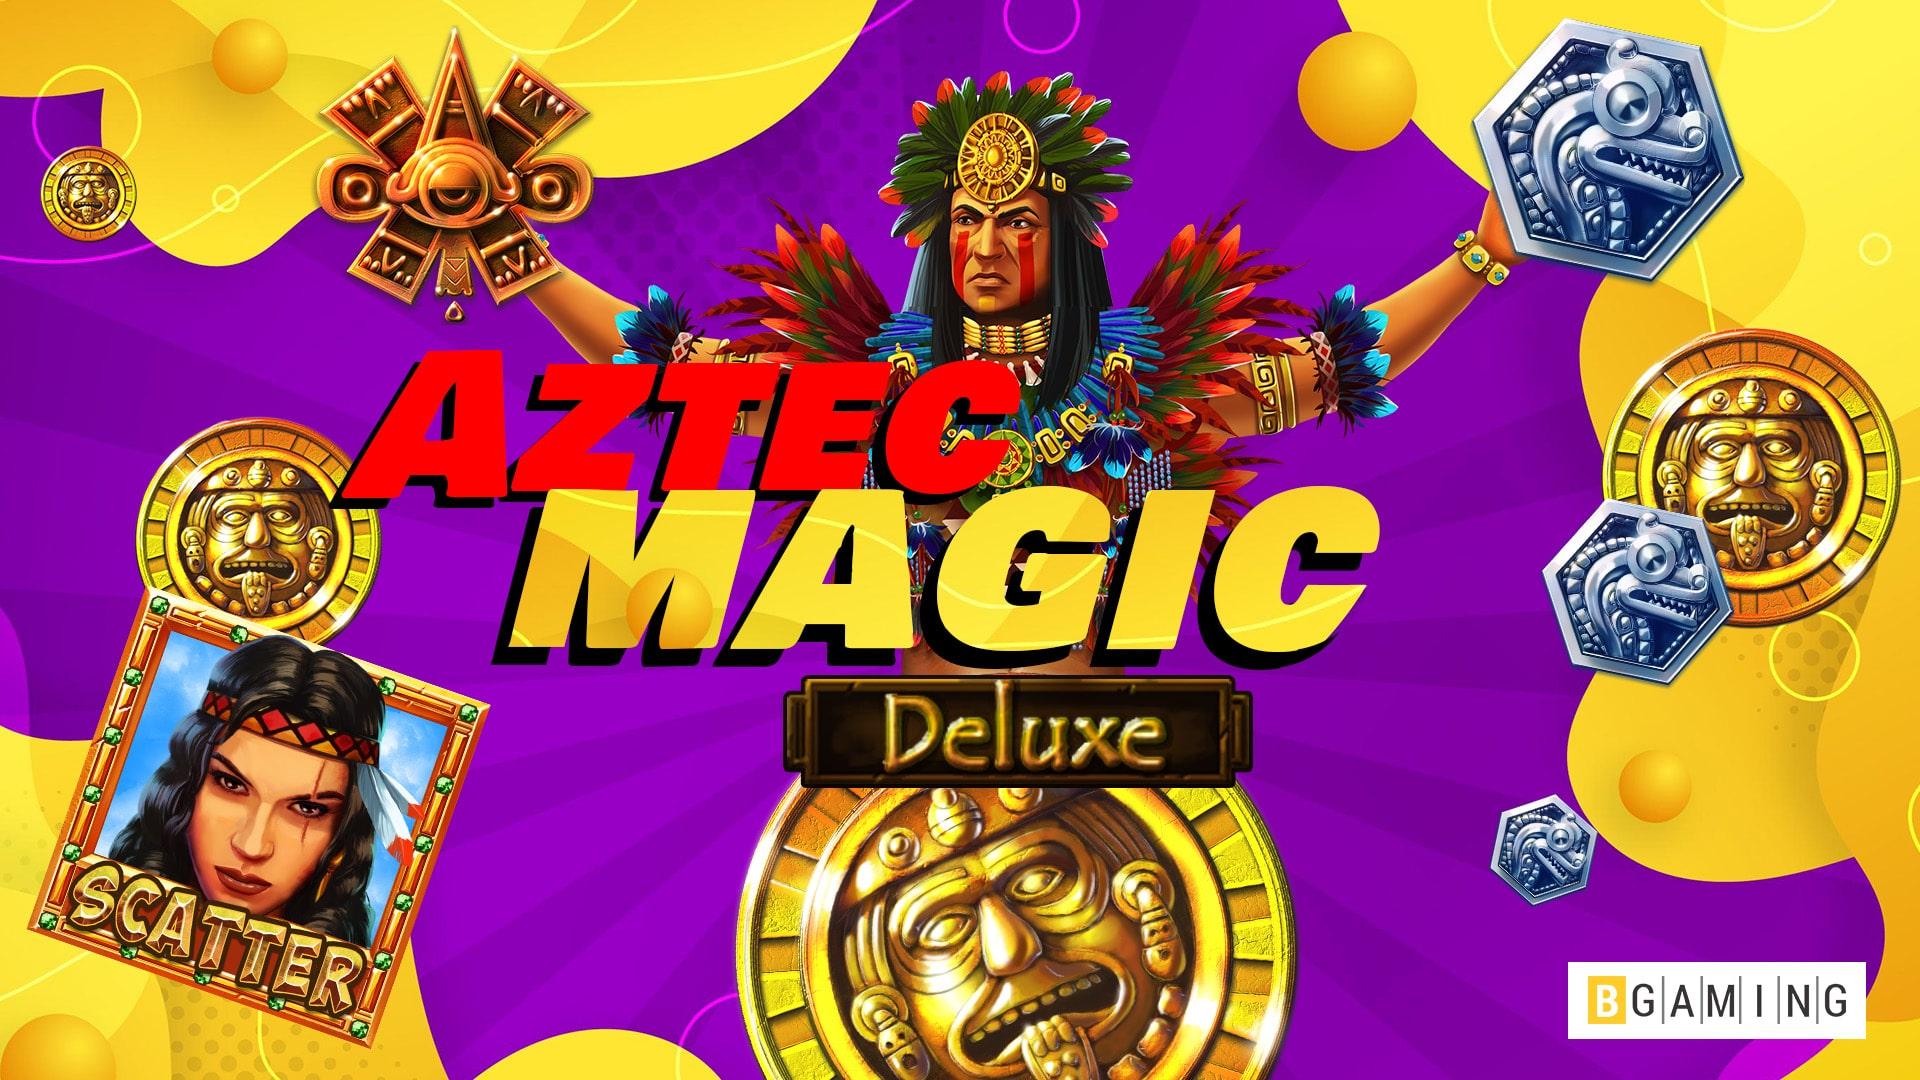 Aztec-Magic-Deluxe